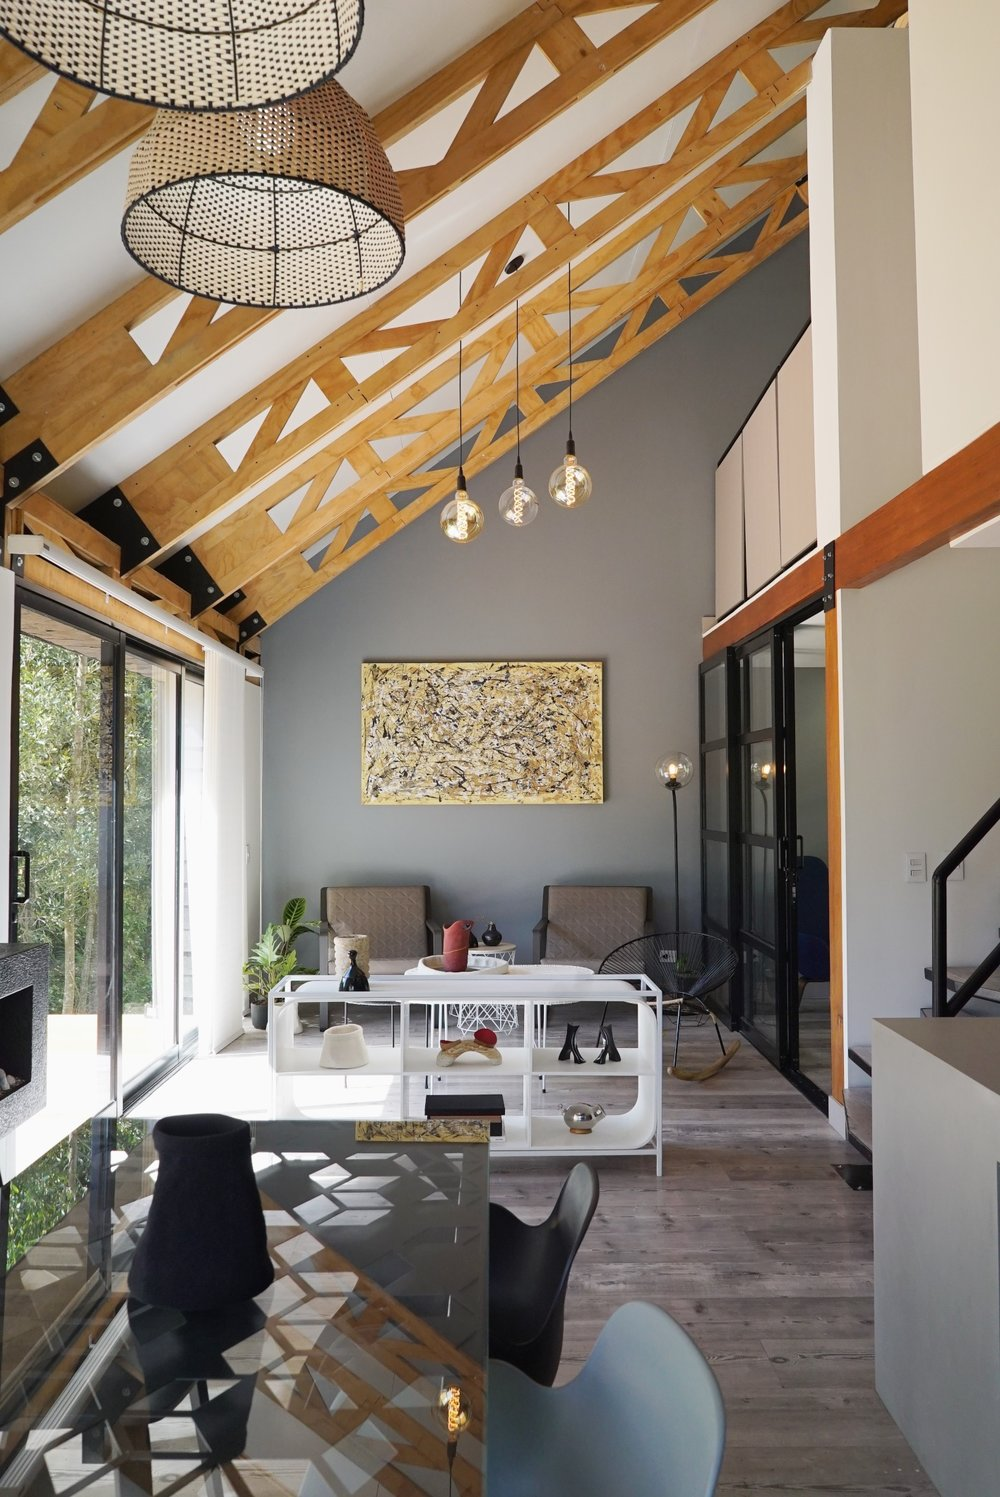 El interior cuenta con una cocina abierta que integra tanto el comedor como el área social.